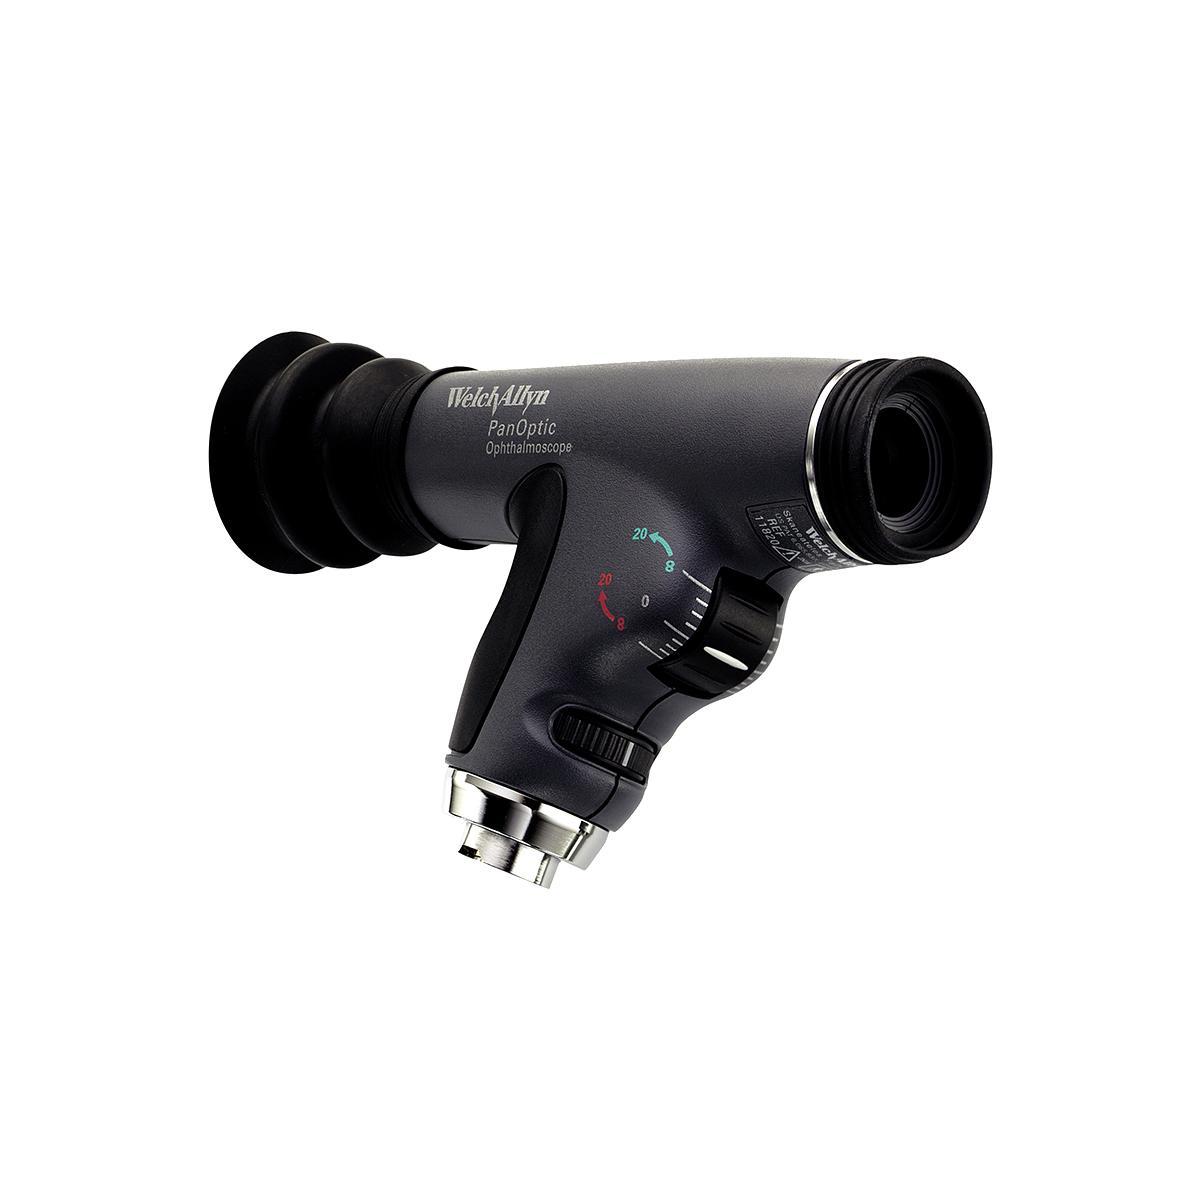 PanOptic 検眼鏡ヘッド、側面